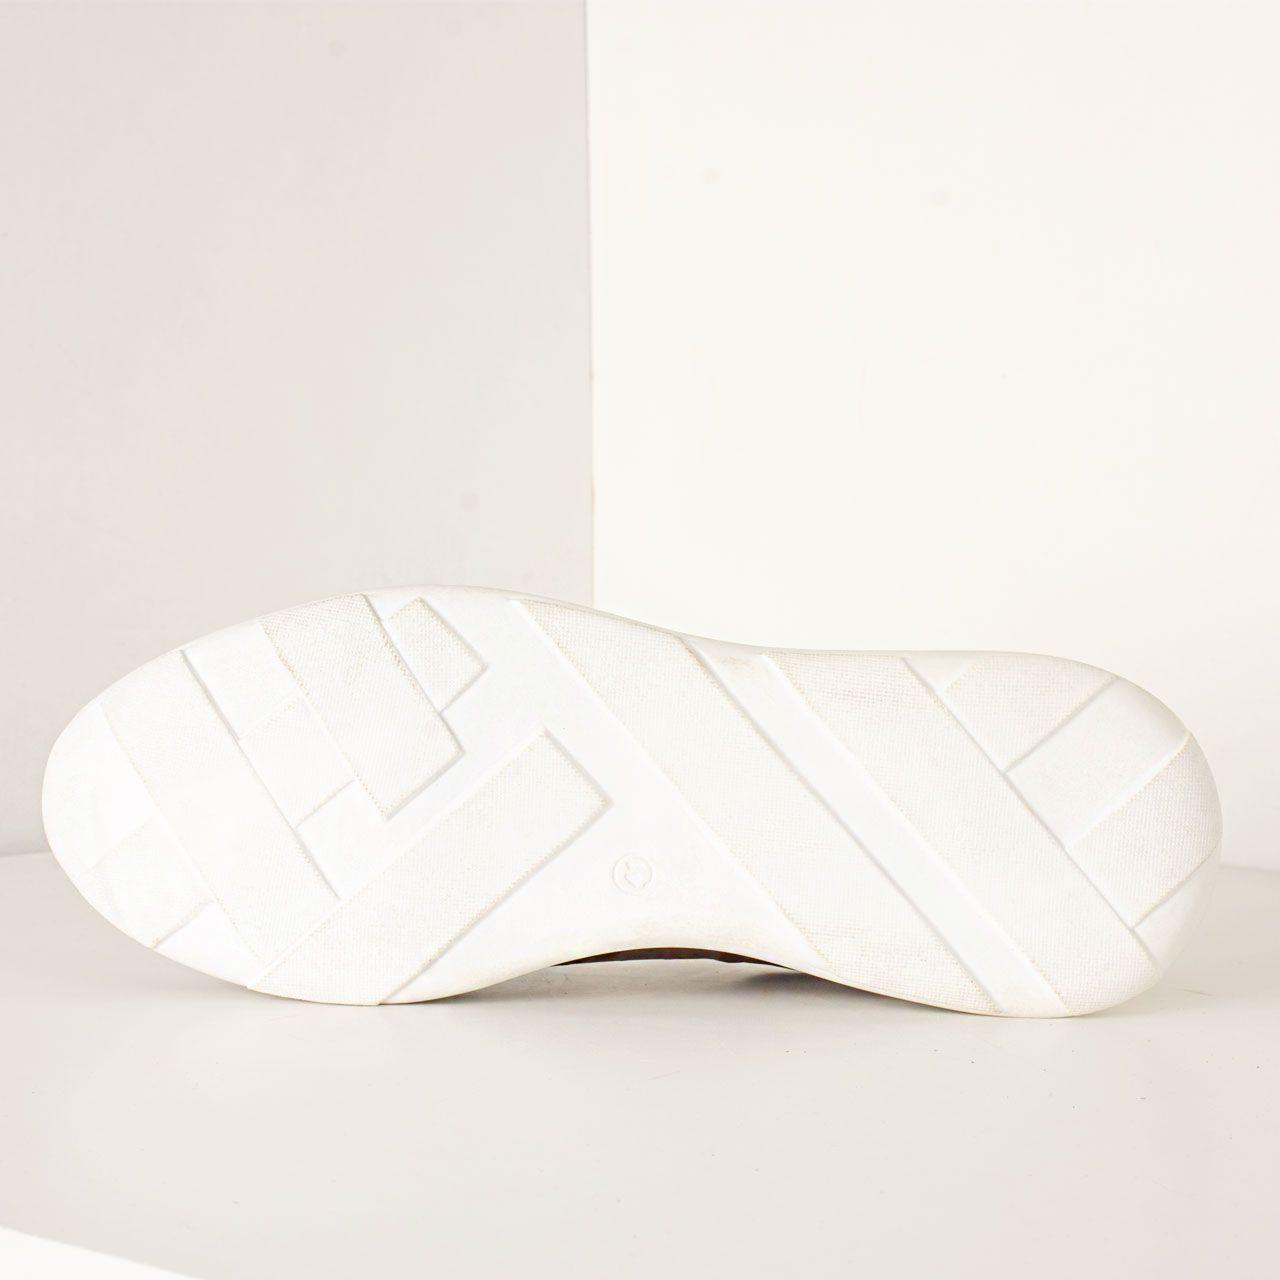 کفش روزمره مردانه پارینه چرم مدل SHO176-2 -  - 4